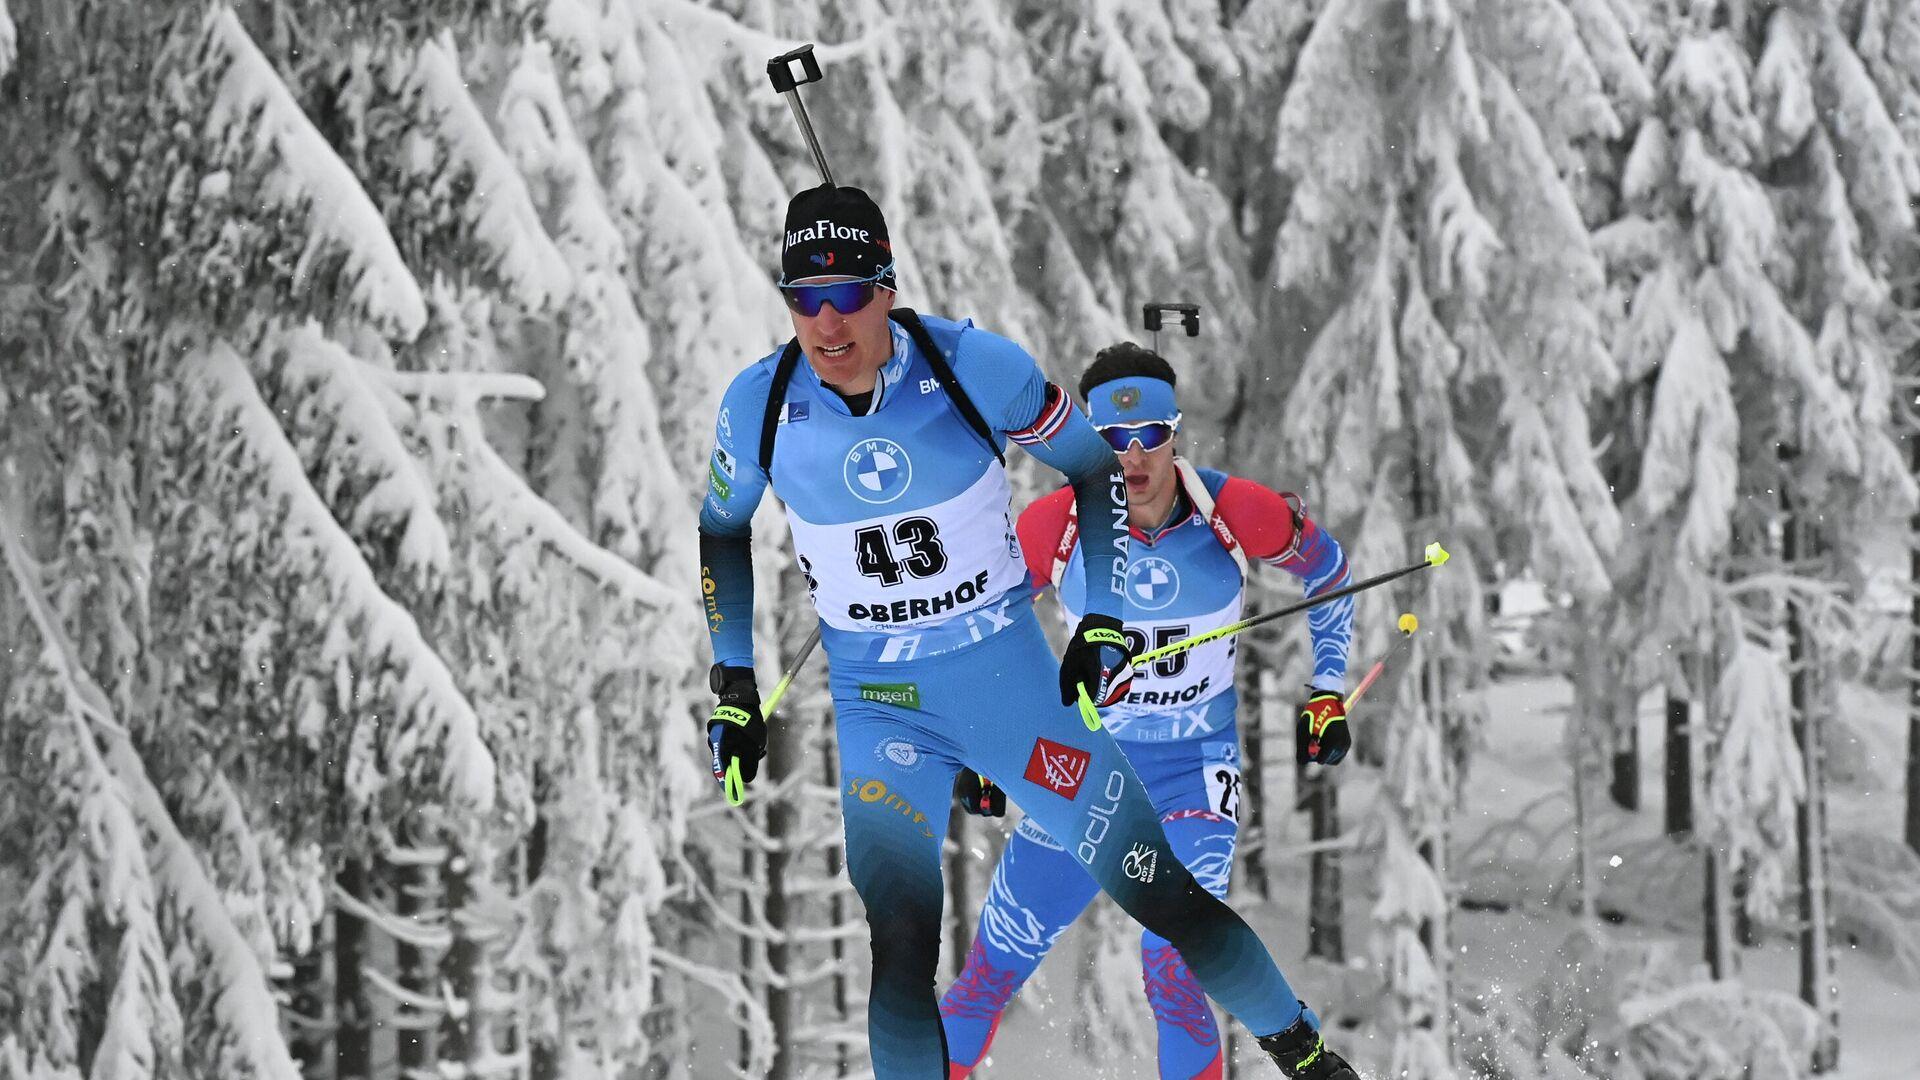 Биатлонисты Фийон Майе и Матвей Елисеев на этапе Кубка мира по биатлону - РИА Новости, 1920, 17.01.2021